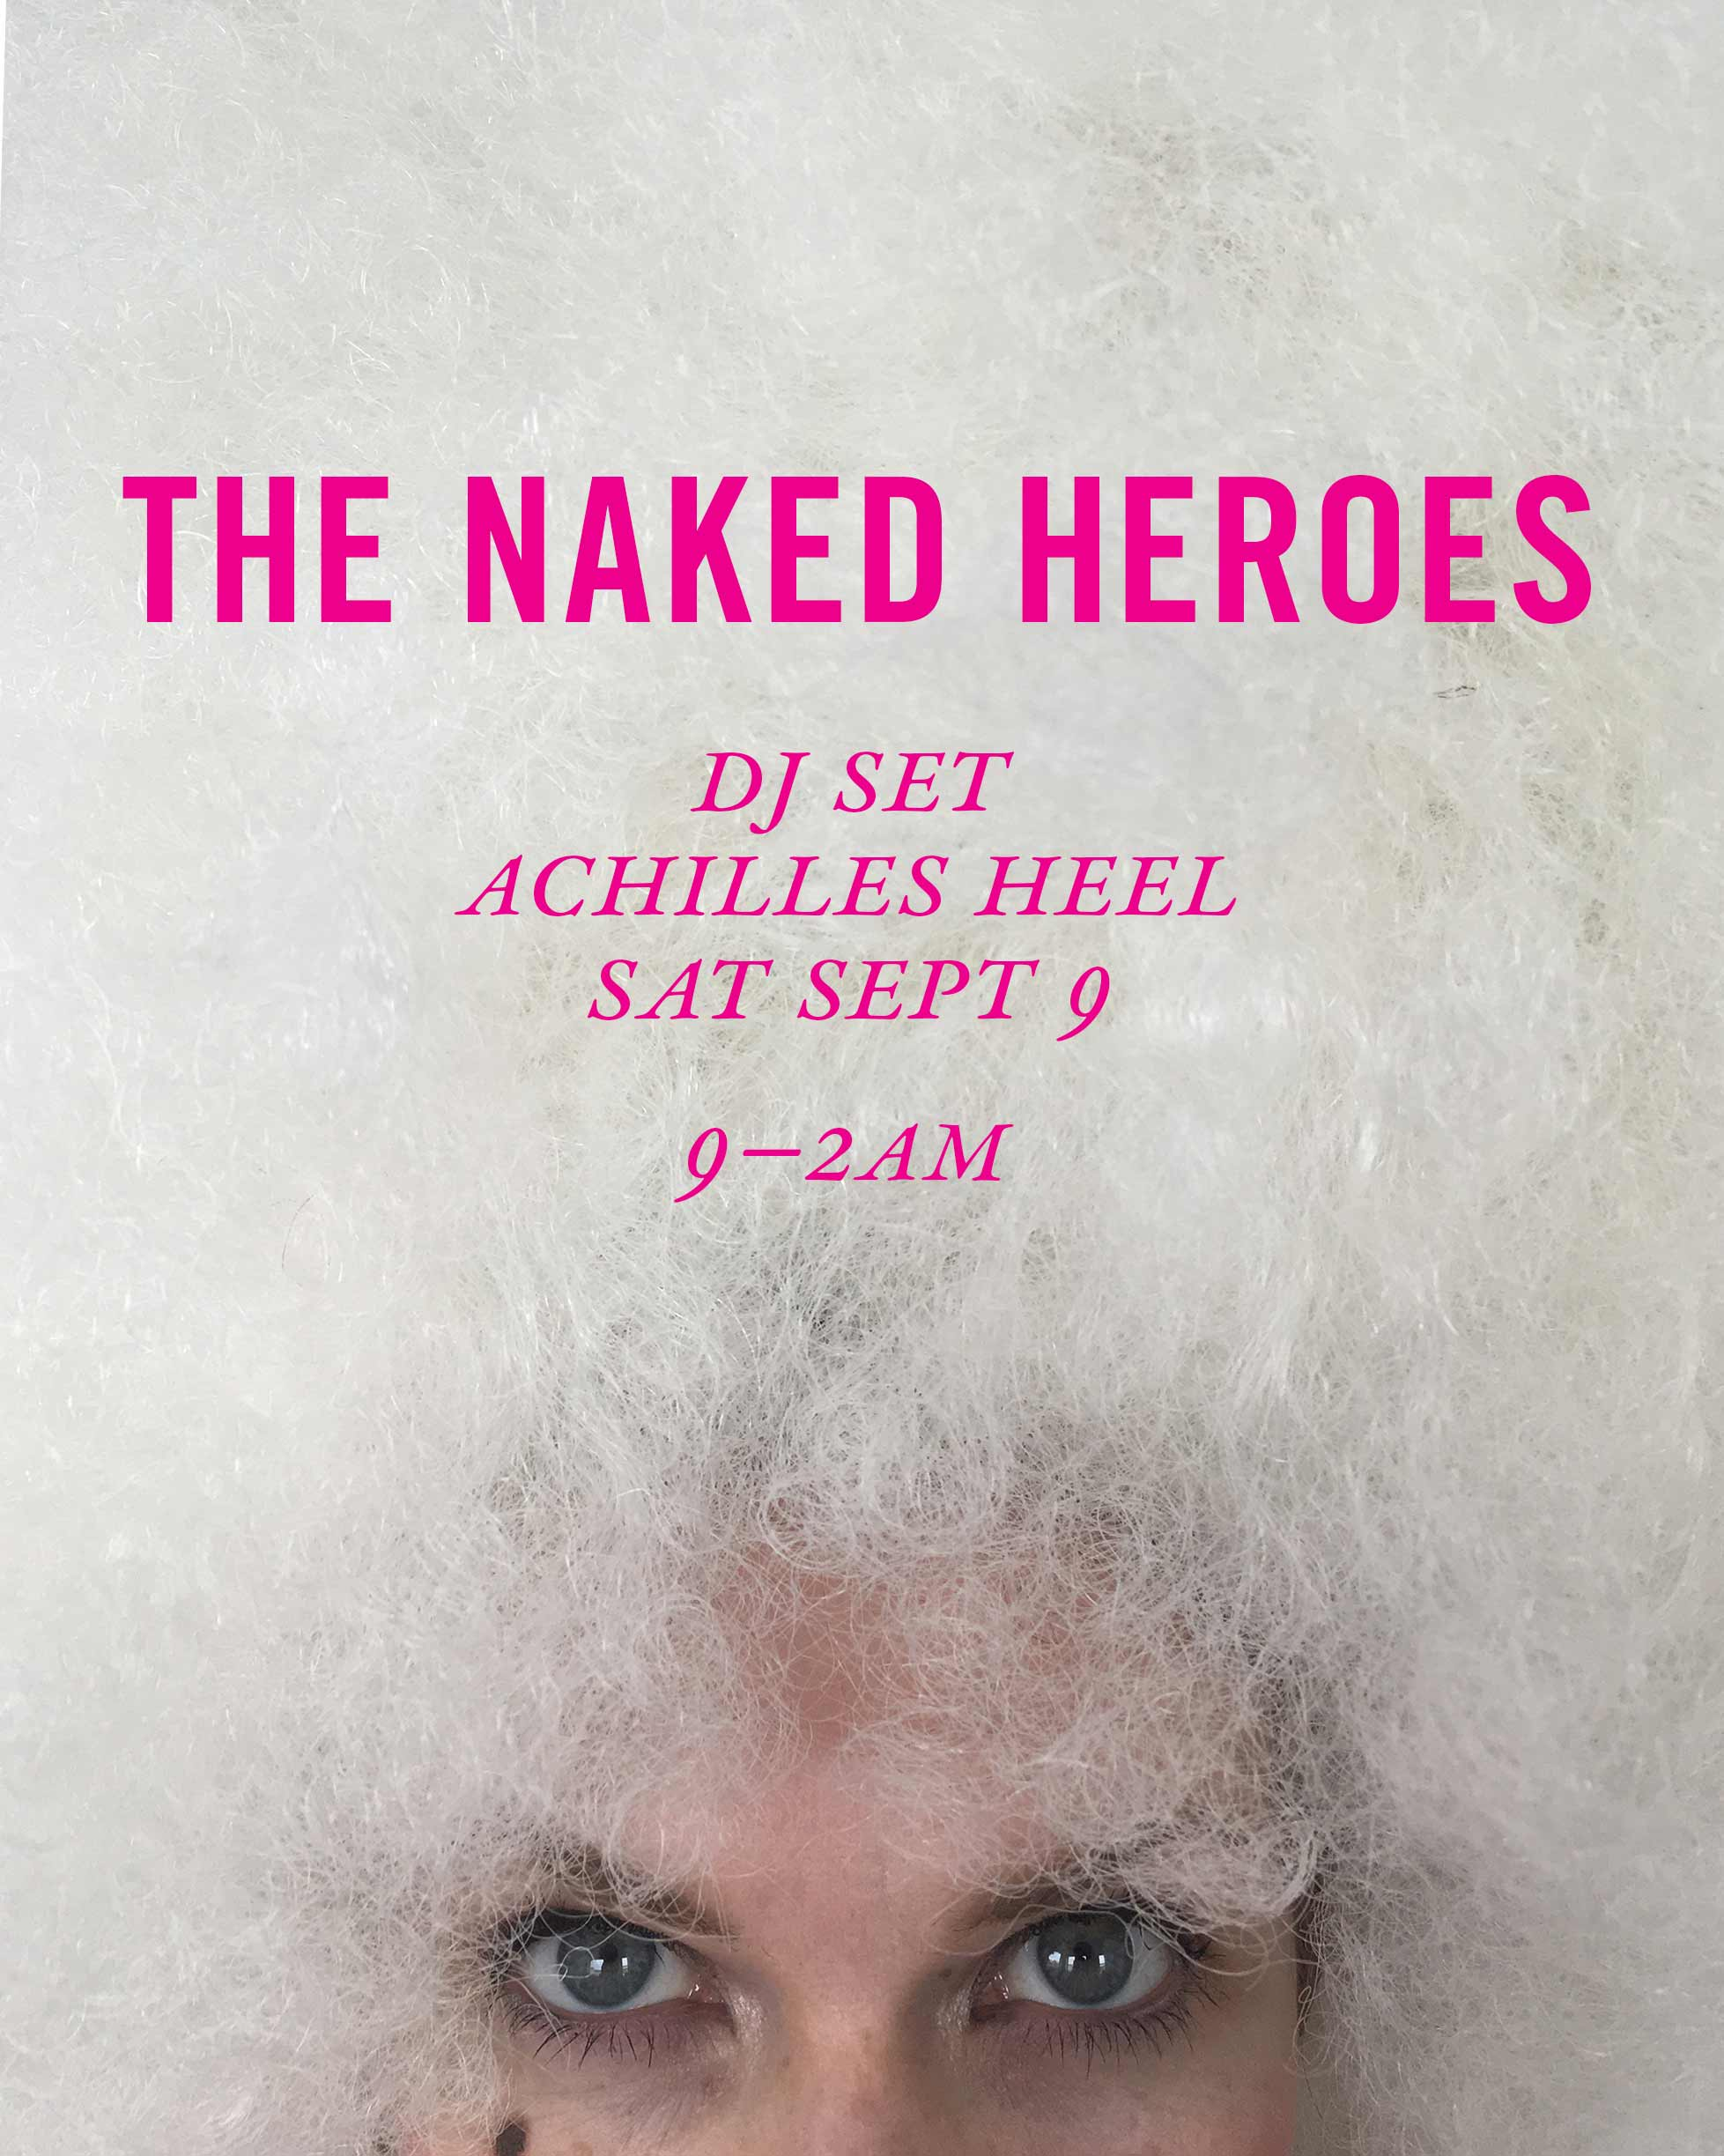 The-Naked-Heroes-AchillesHeel-9-9-17.jpg